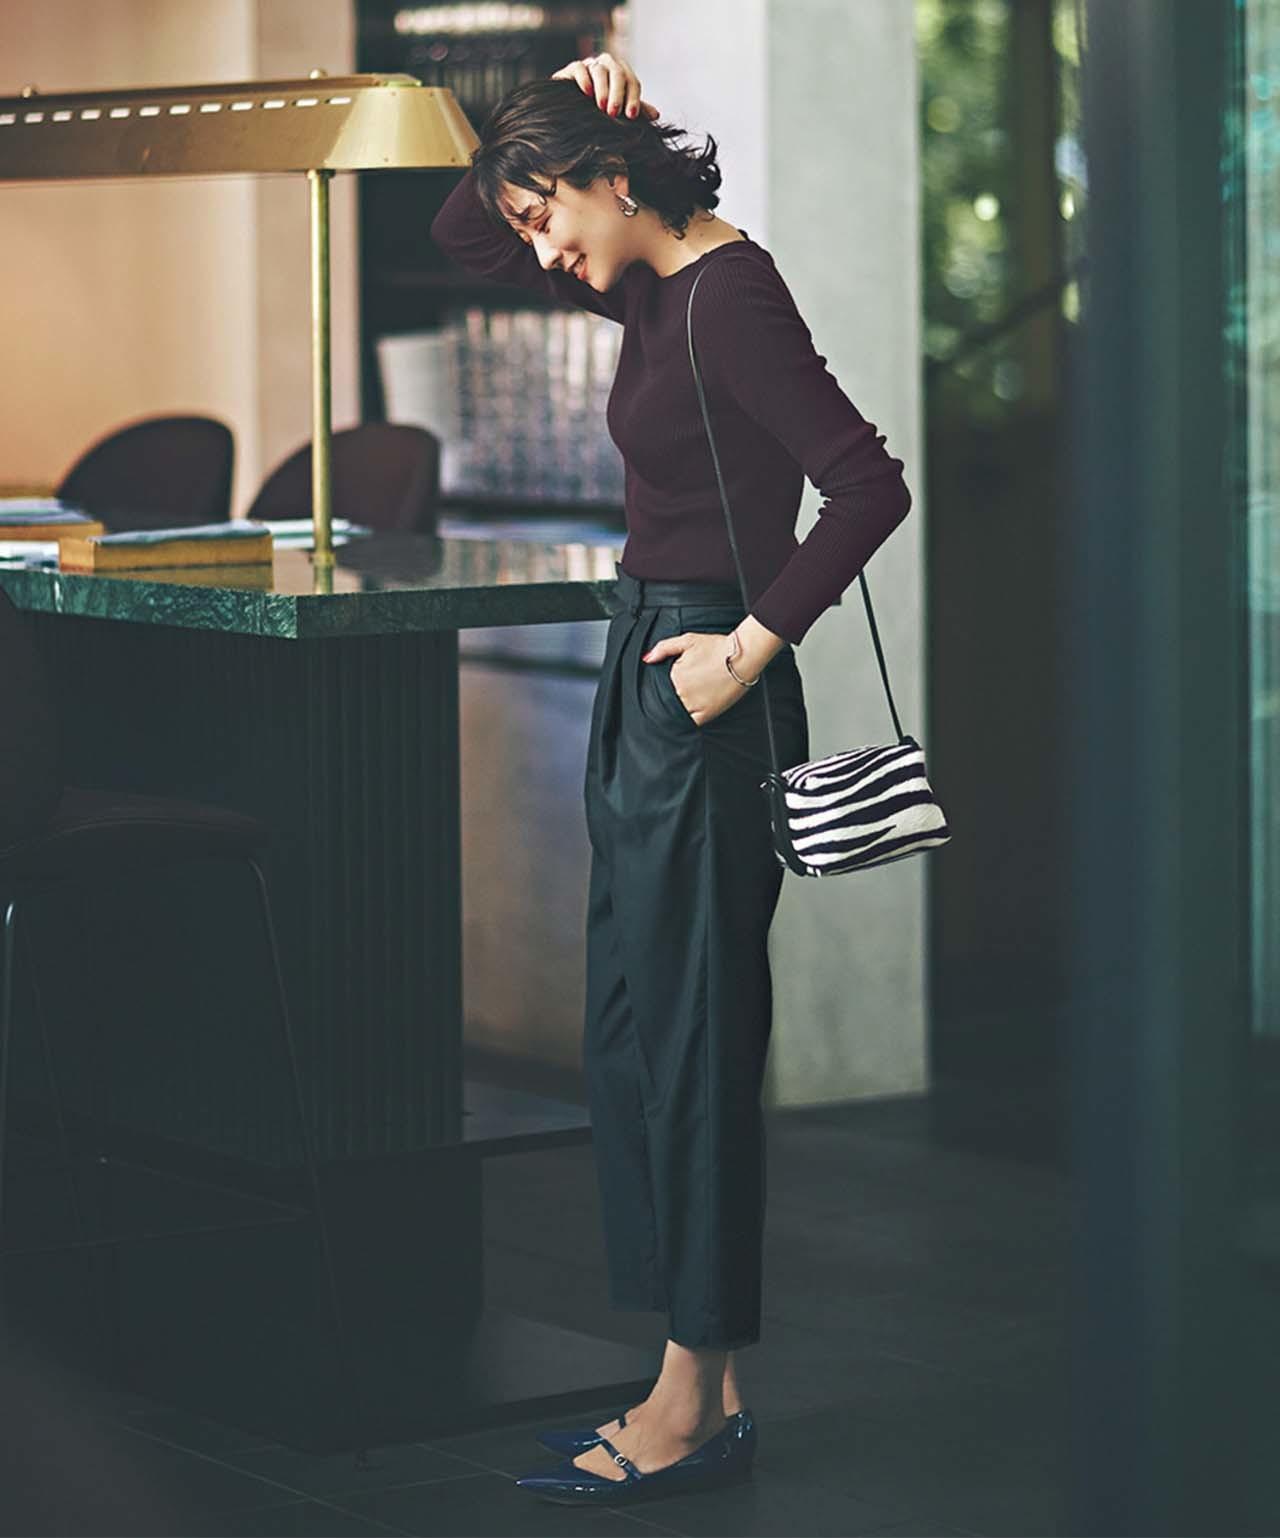 STUNNING LUREの黒パンツ×ブラウスコーデを着たモデルの五明祐子さん